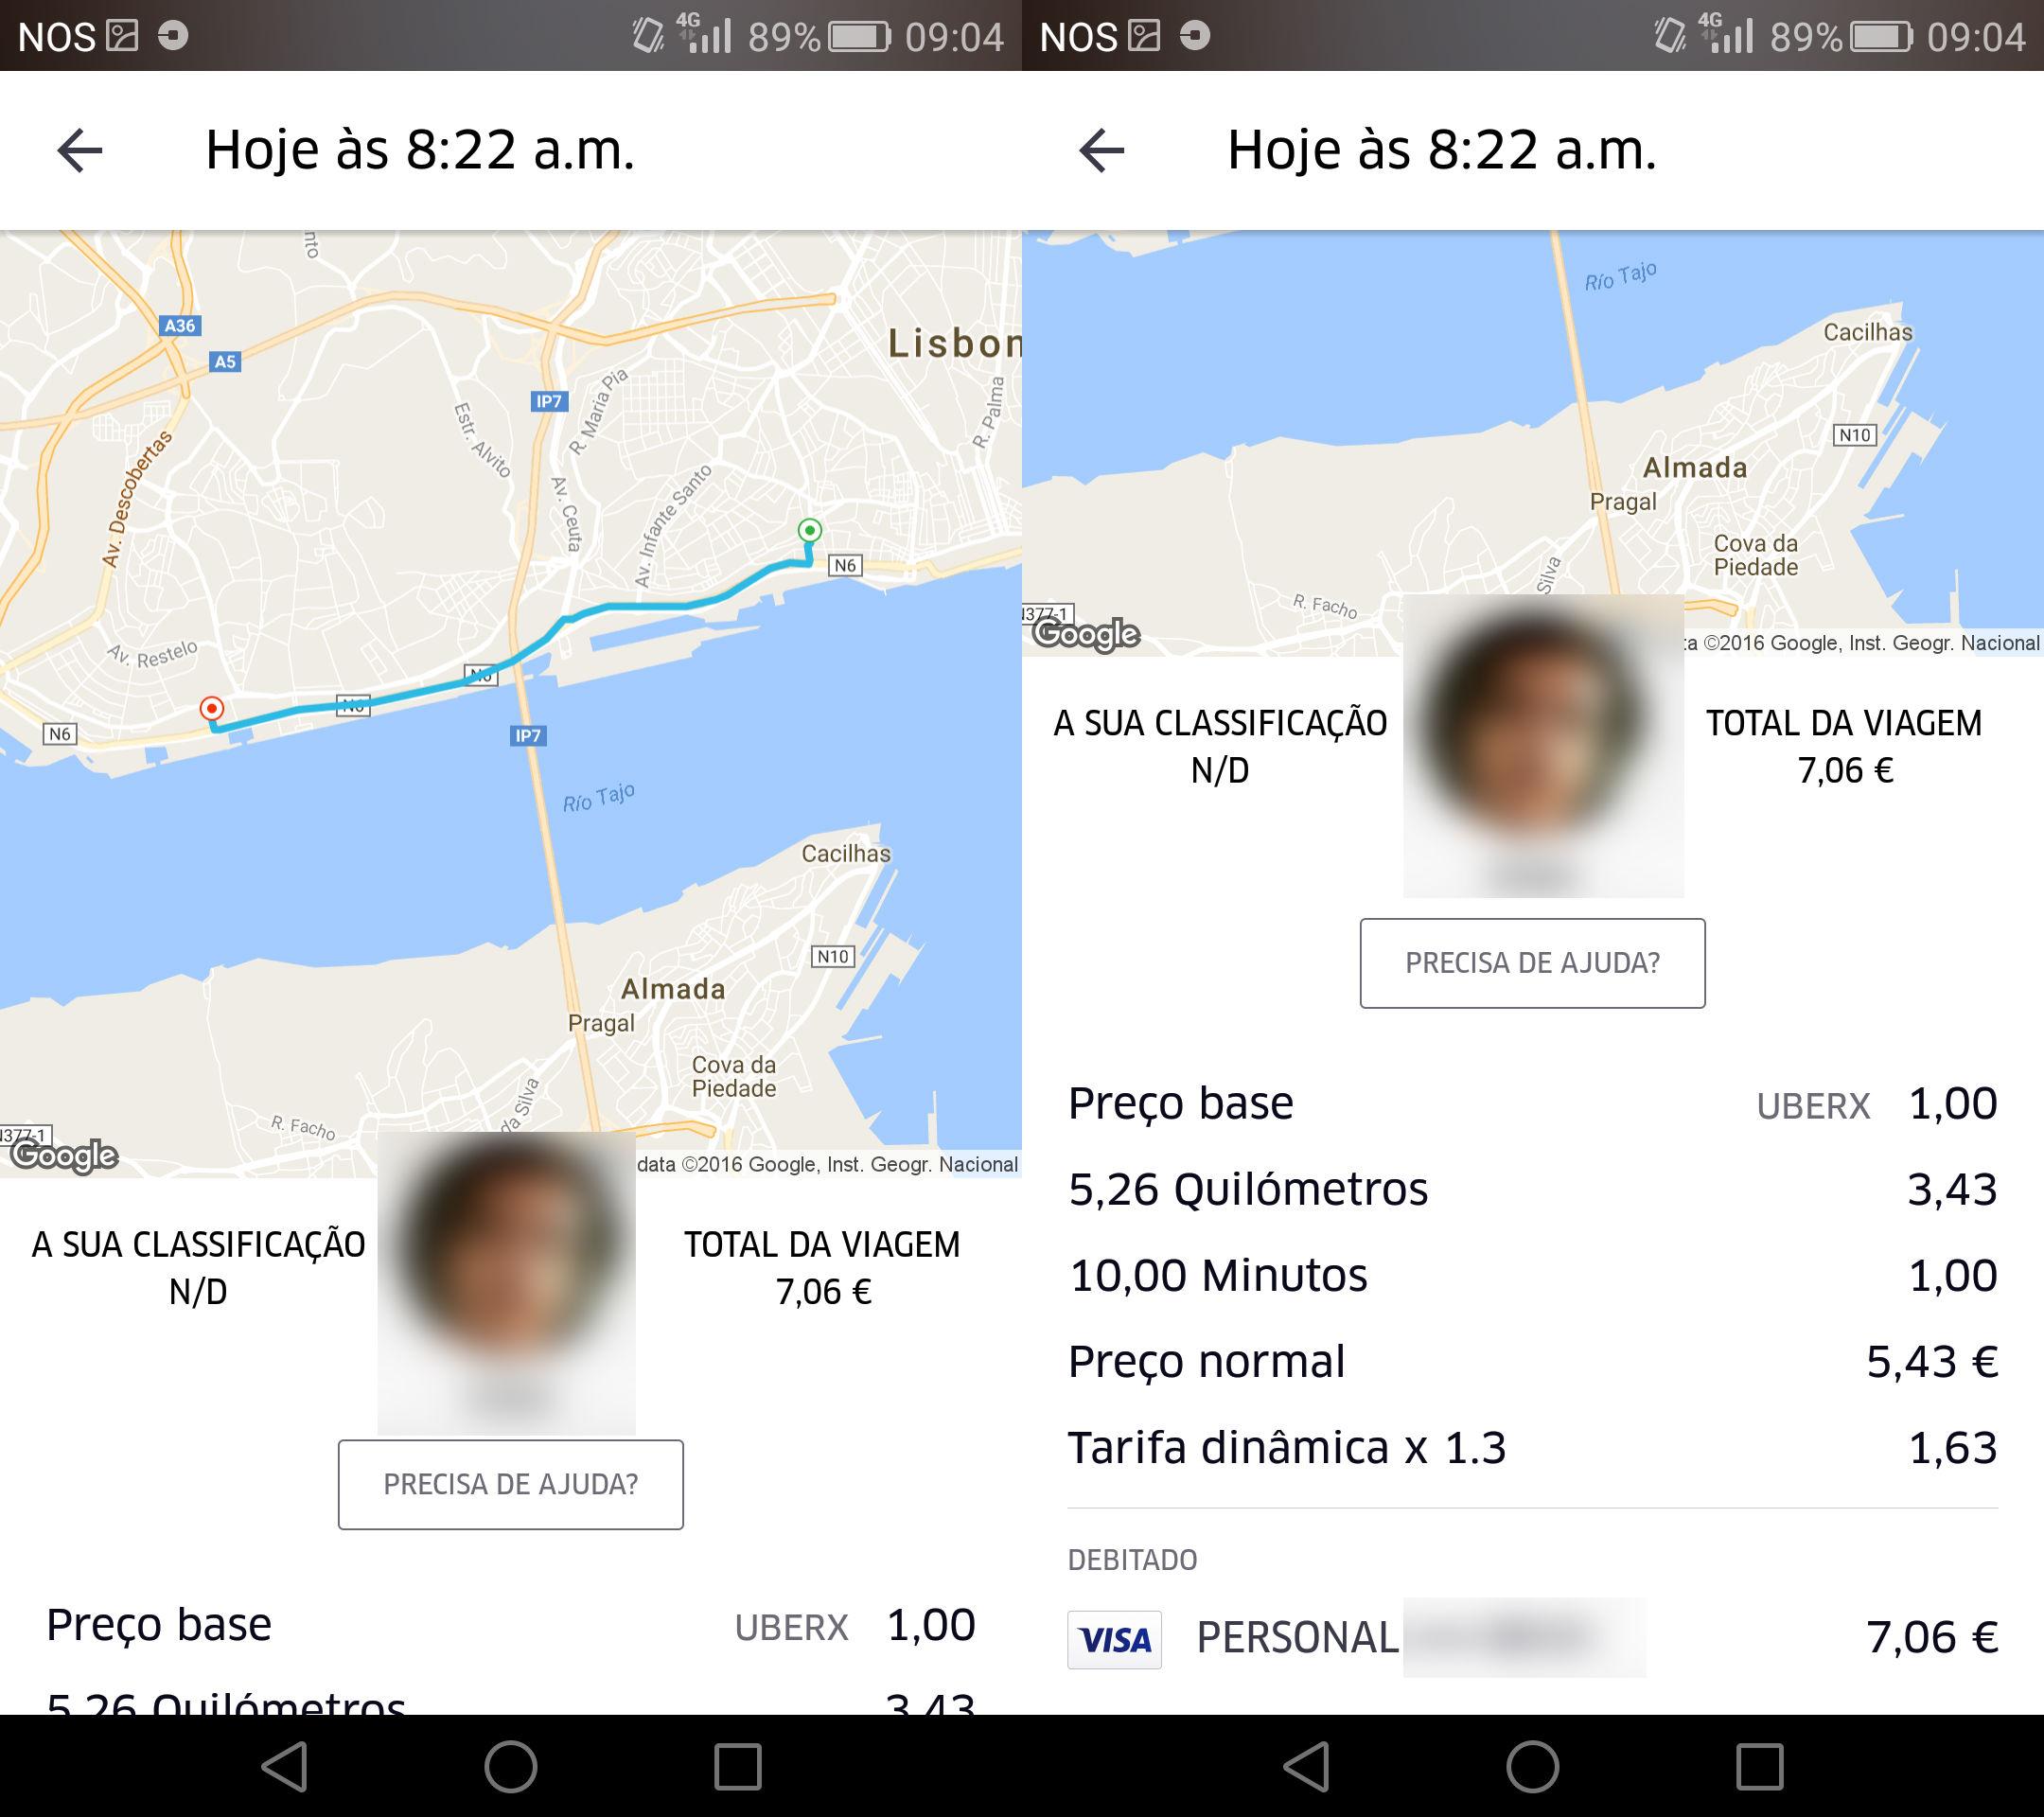 À esquerda, o mapa com o percurso. À direita, os detalhes da viagem